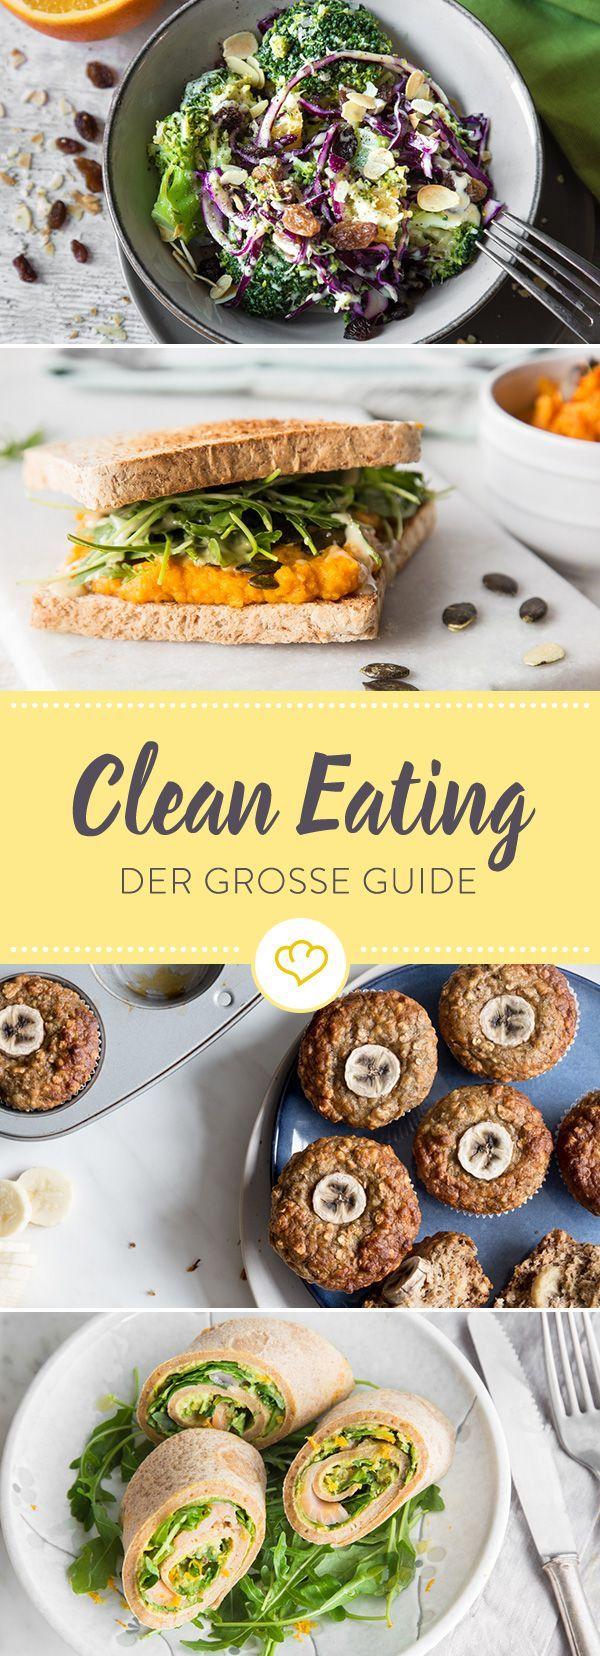 Wie funktioniert eigentliche Clean Eating? Alles, was du über das Ernährungskonzept wissen musst, gibt's hier einmal kompakt zum Nachlesen.